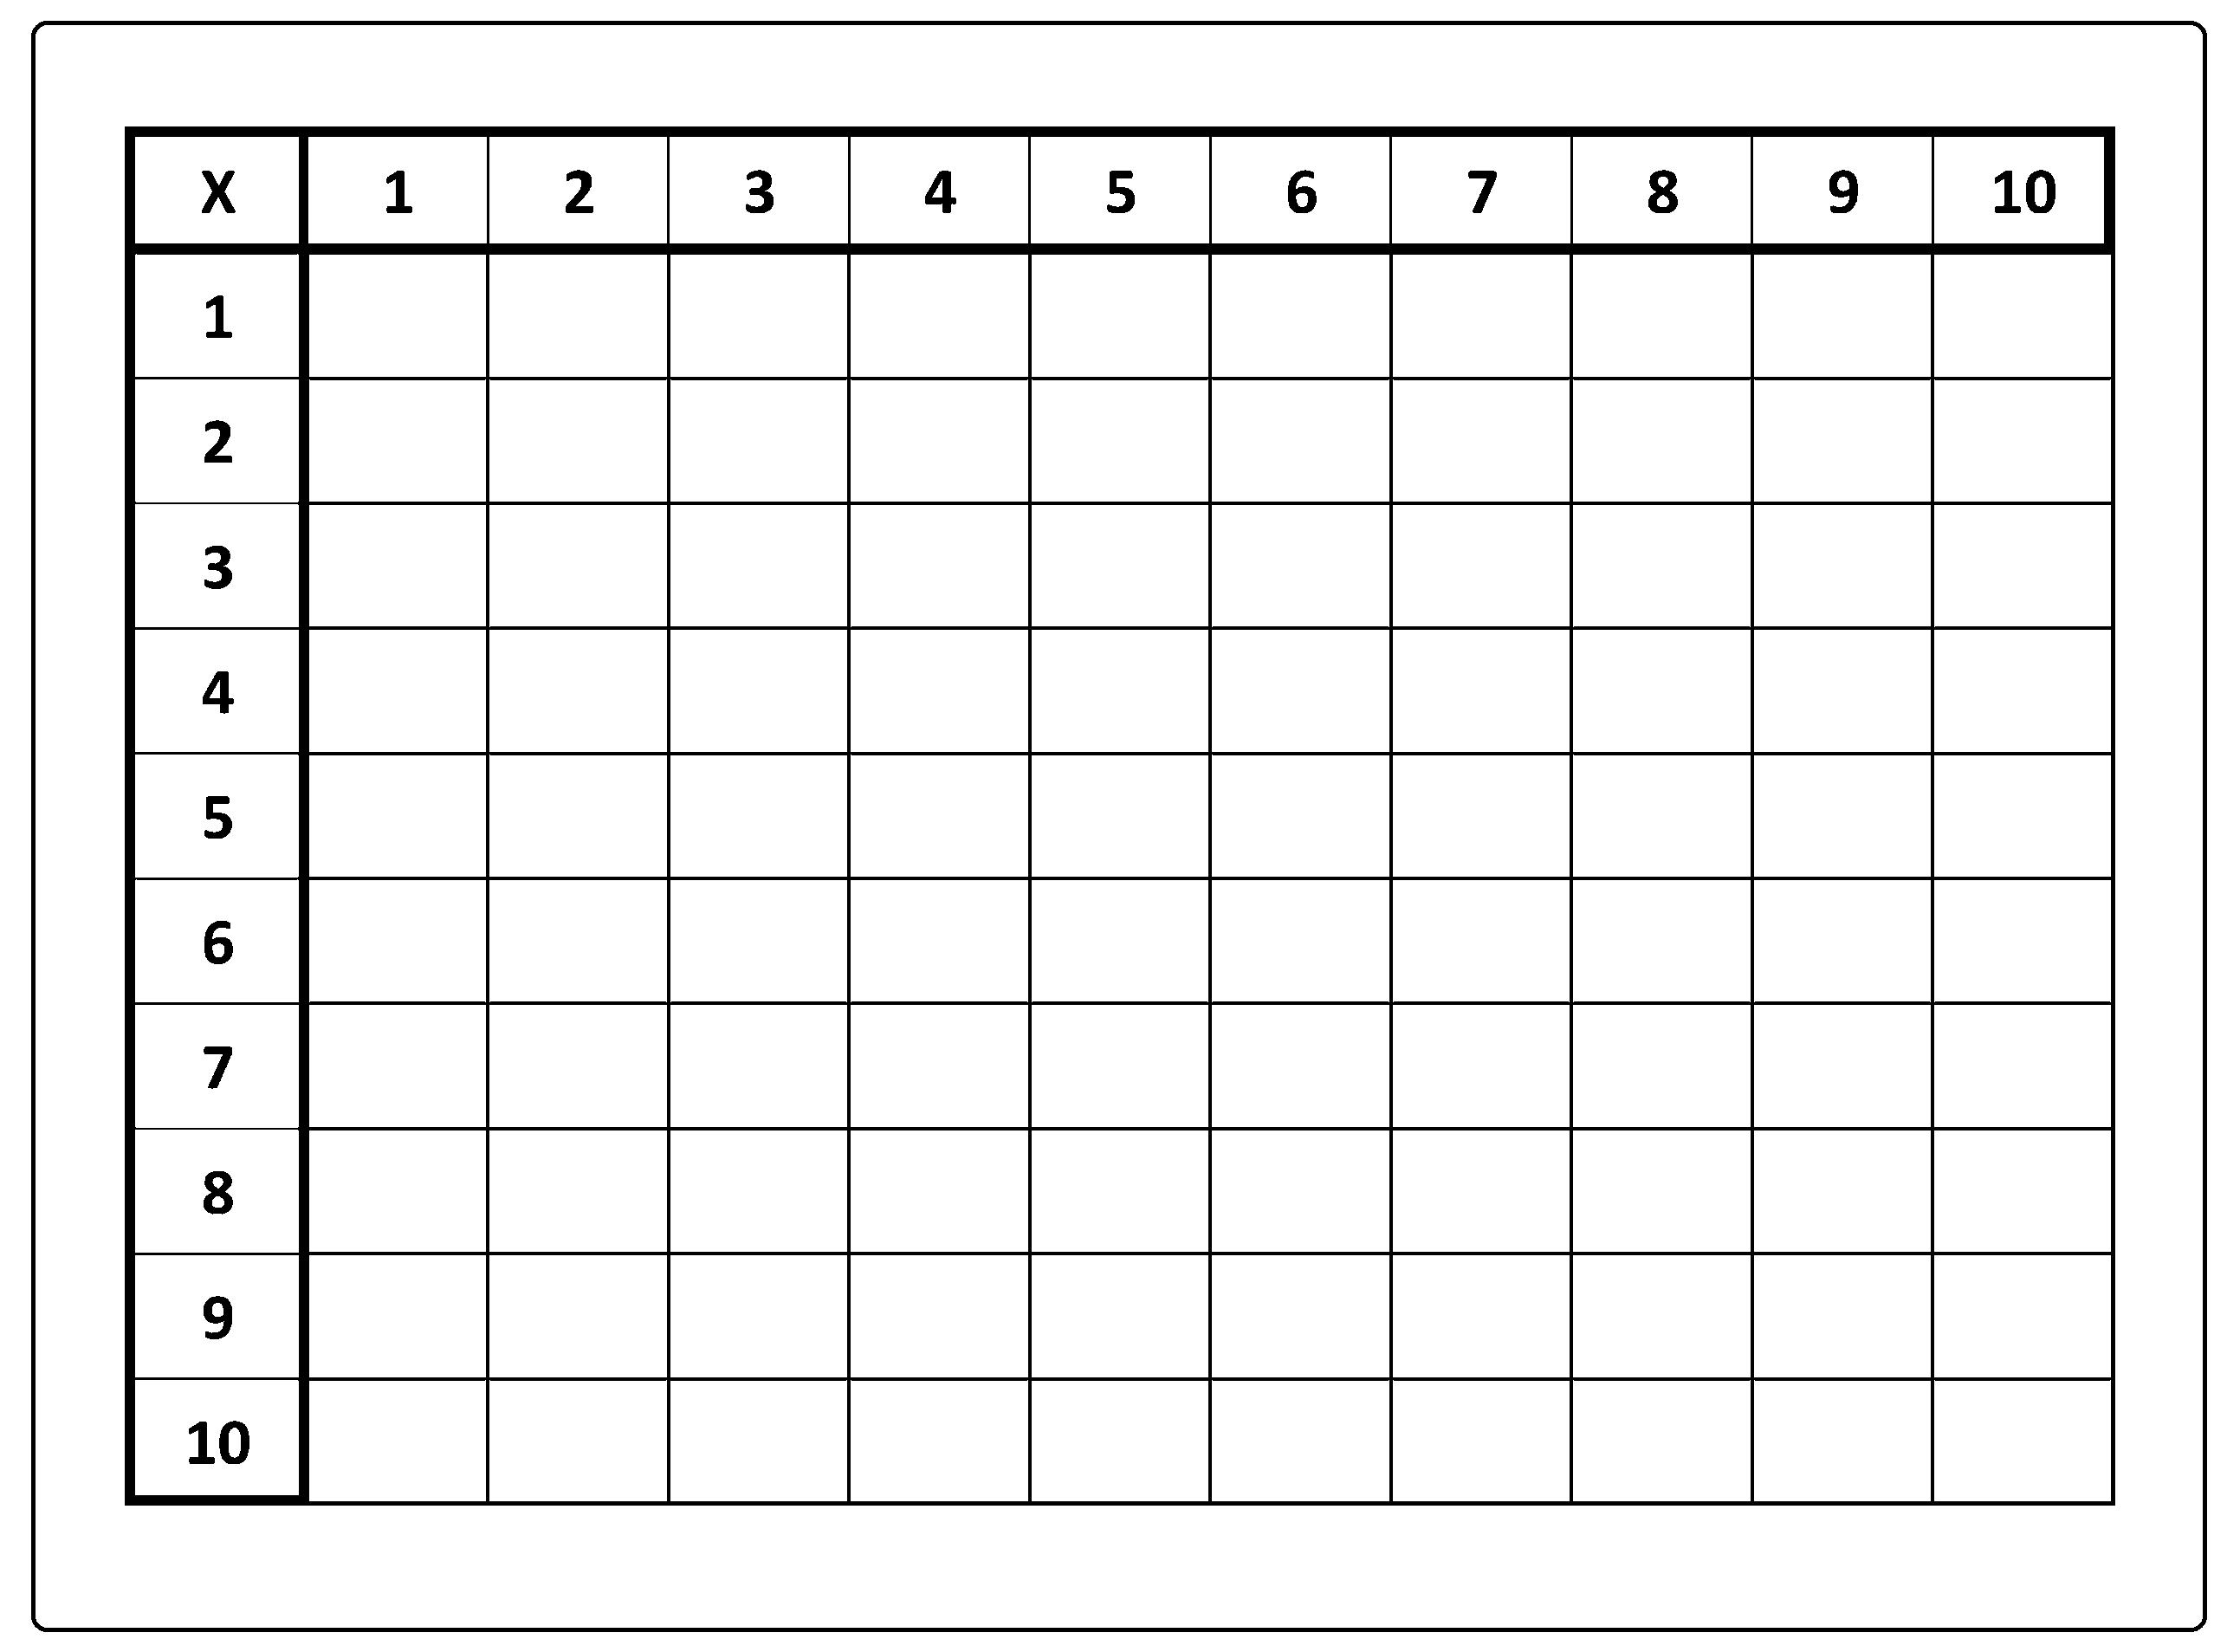 Dicas para trabalhar a tabela de Pitágoras - Ensinar Multiplicação.